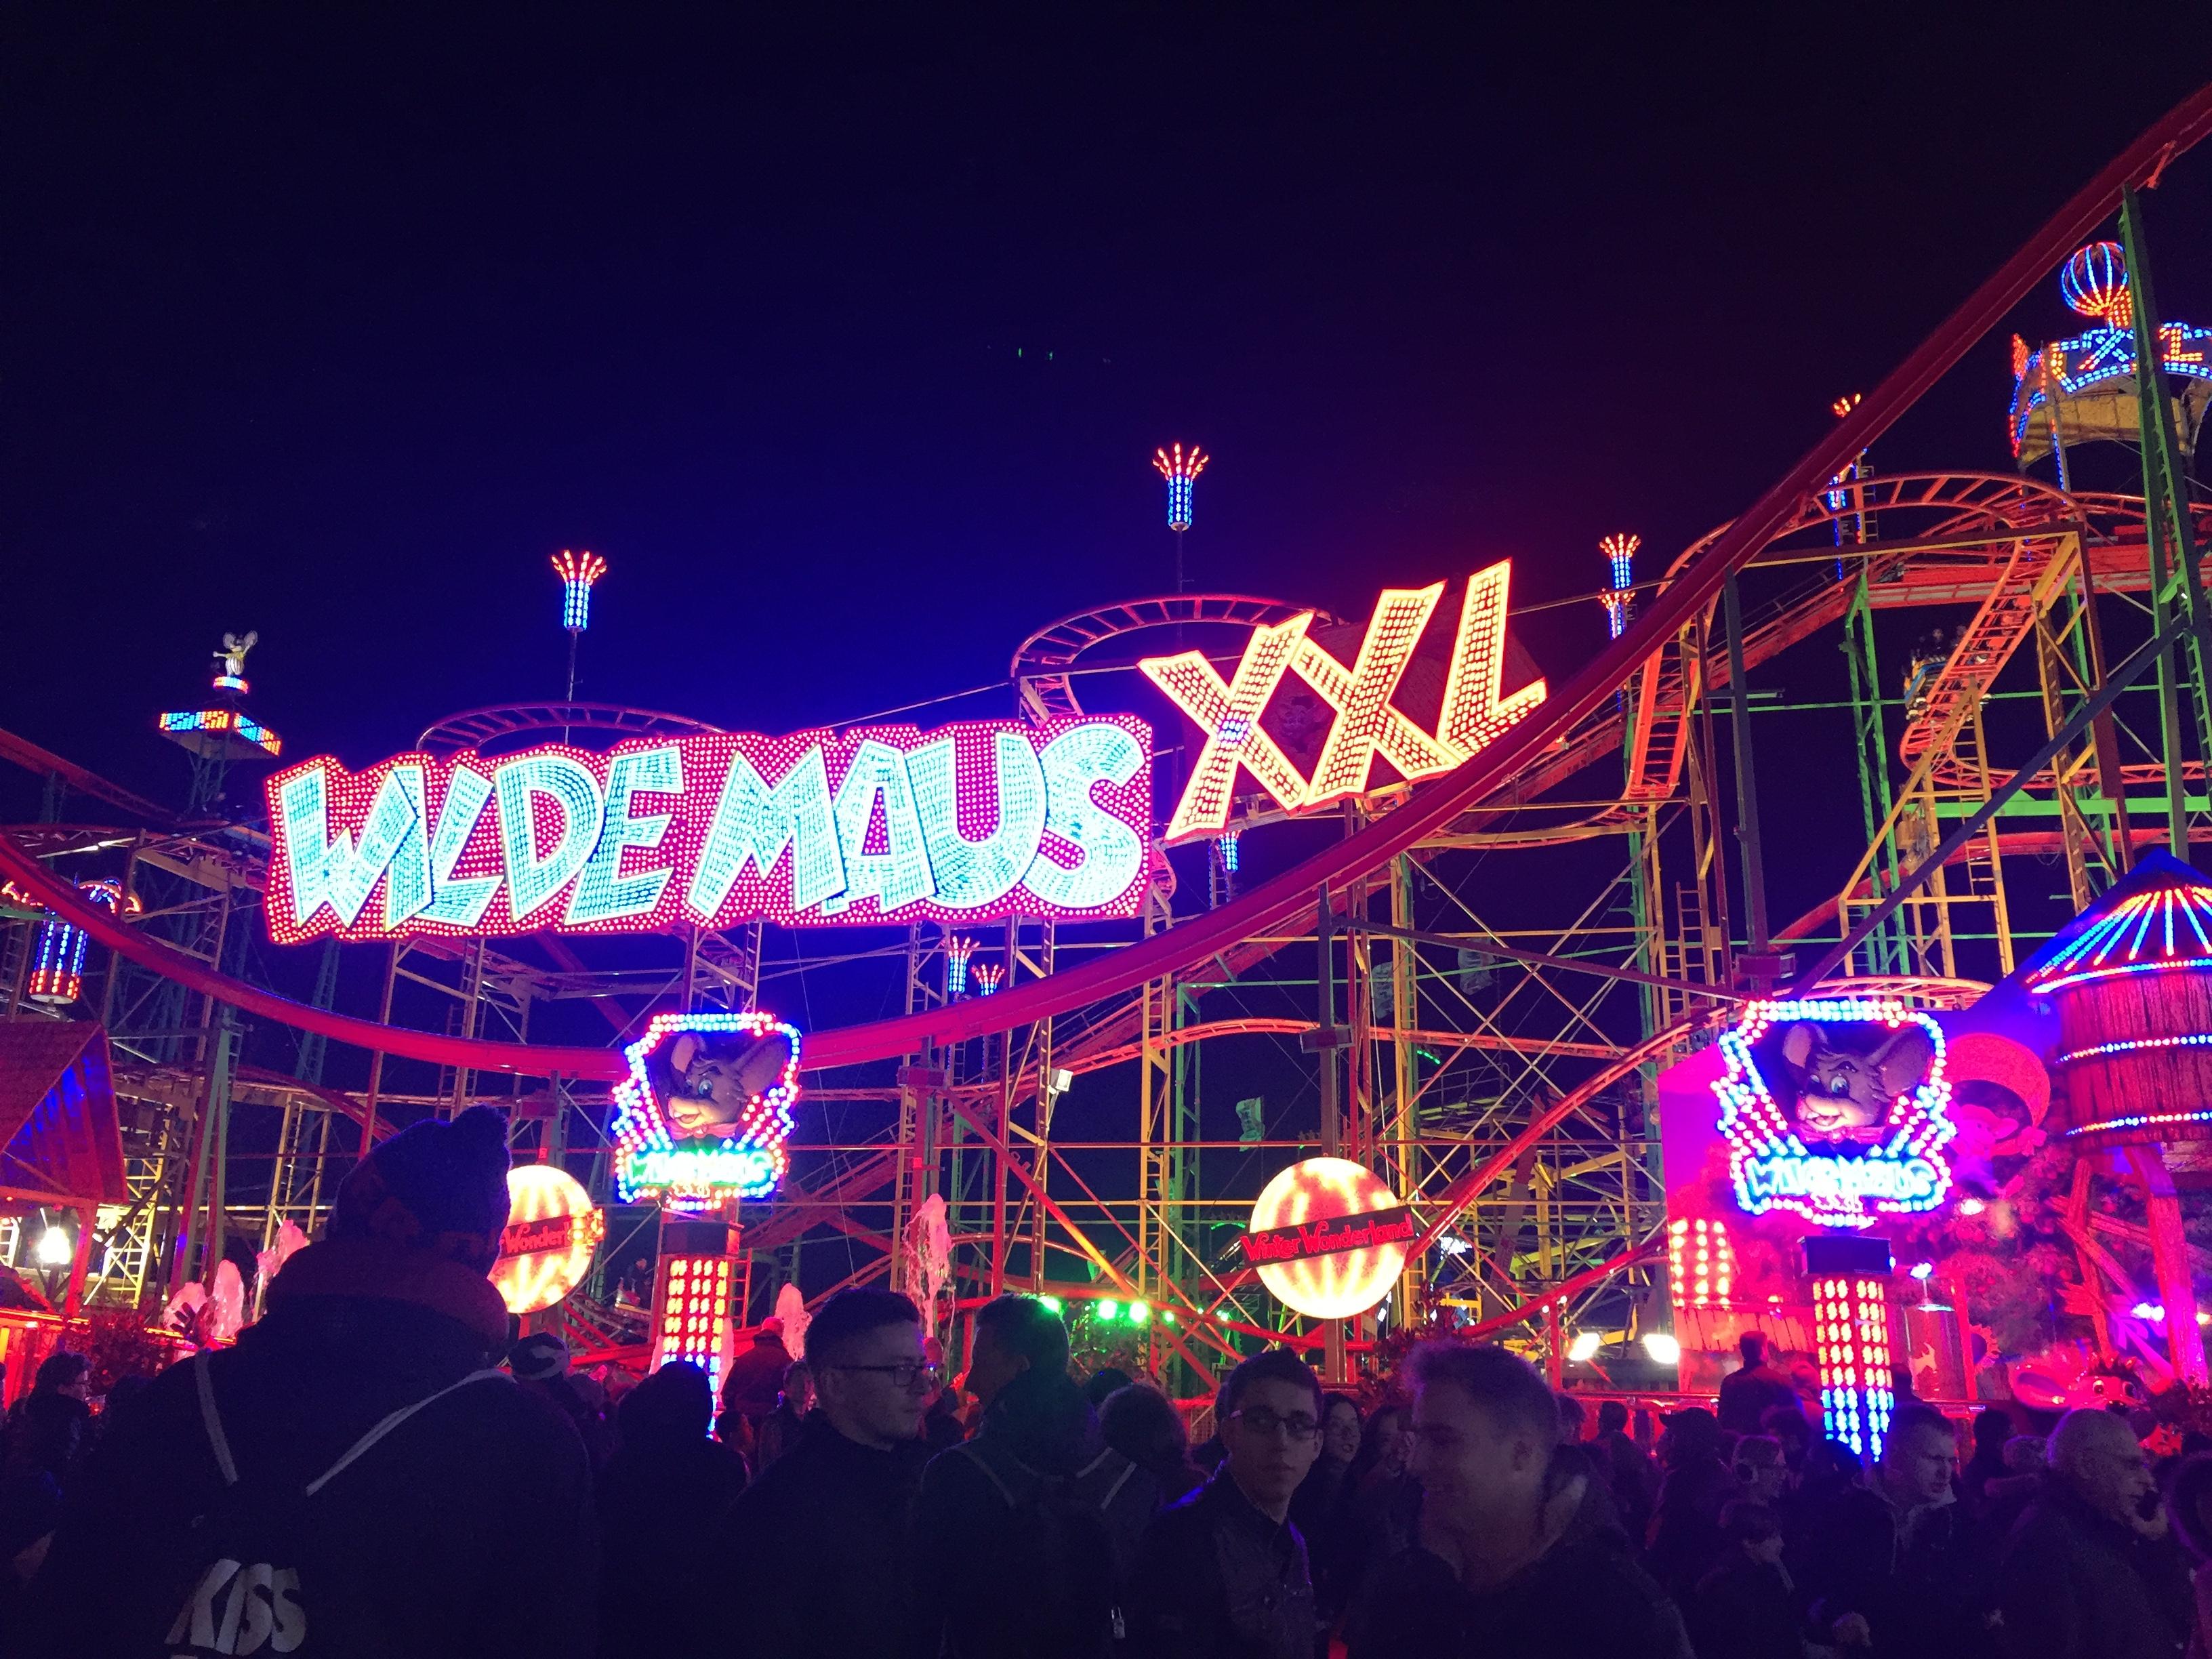 IMG 26081 - WinterWonderland el parque de diversiones en Londres